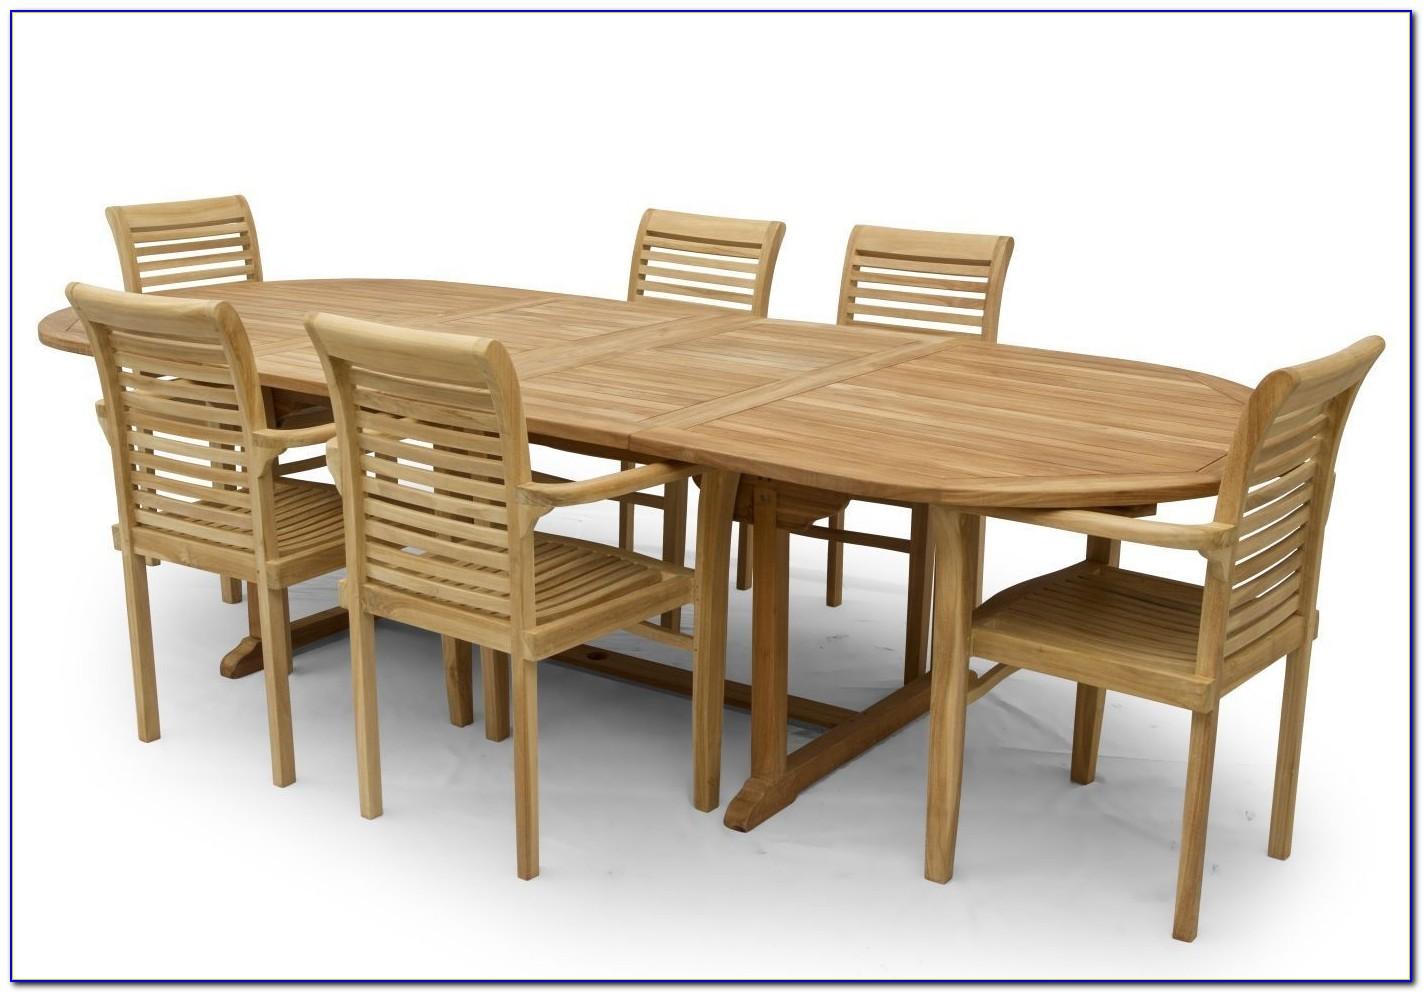 Teak Patio Furniture Care